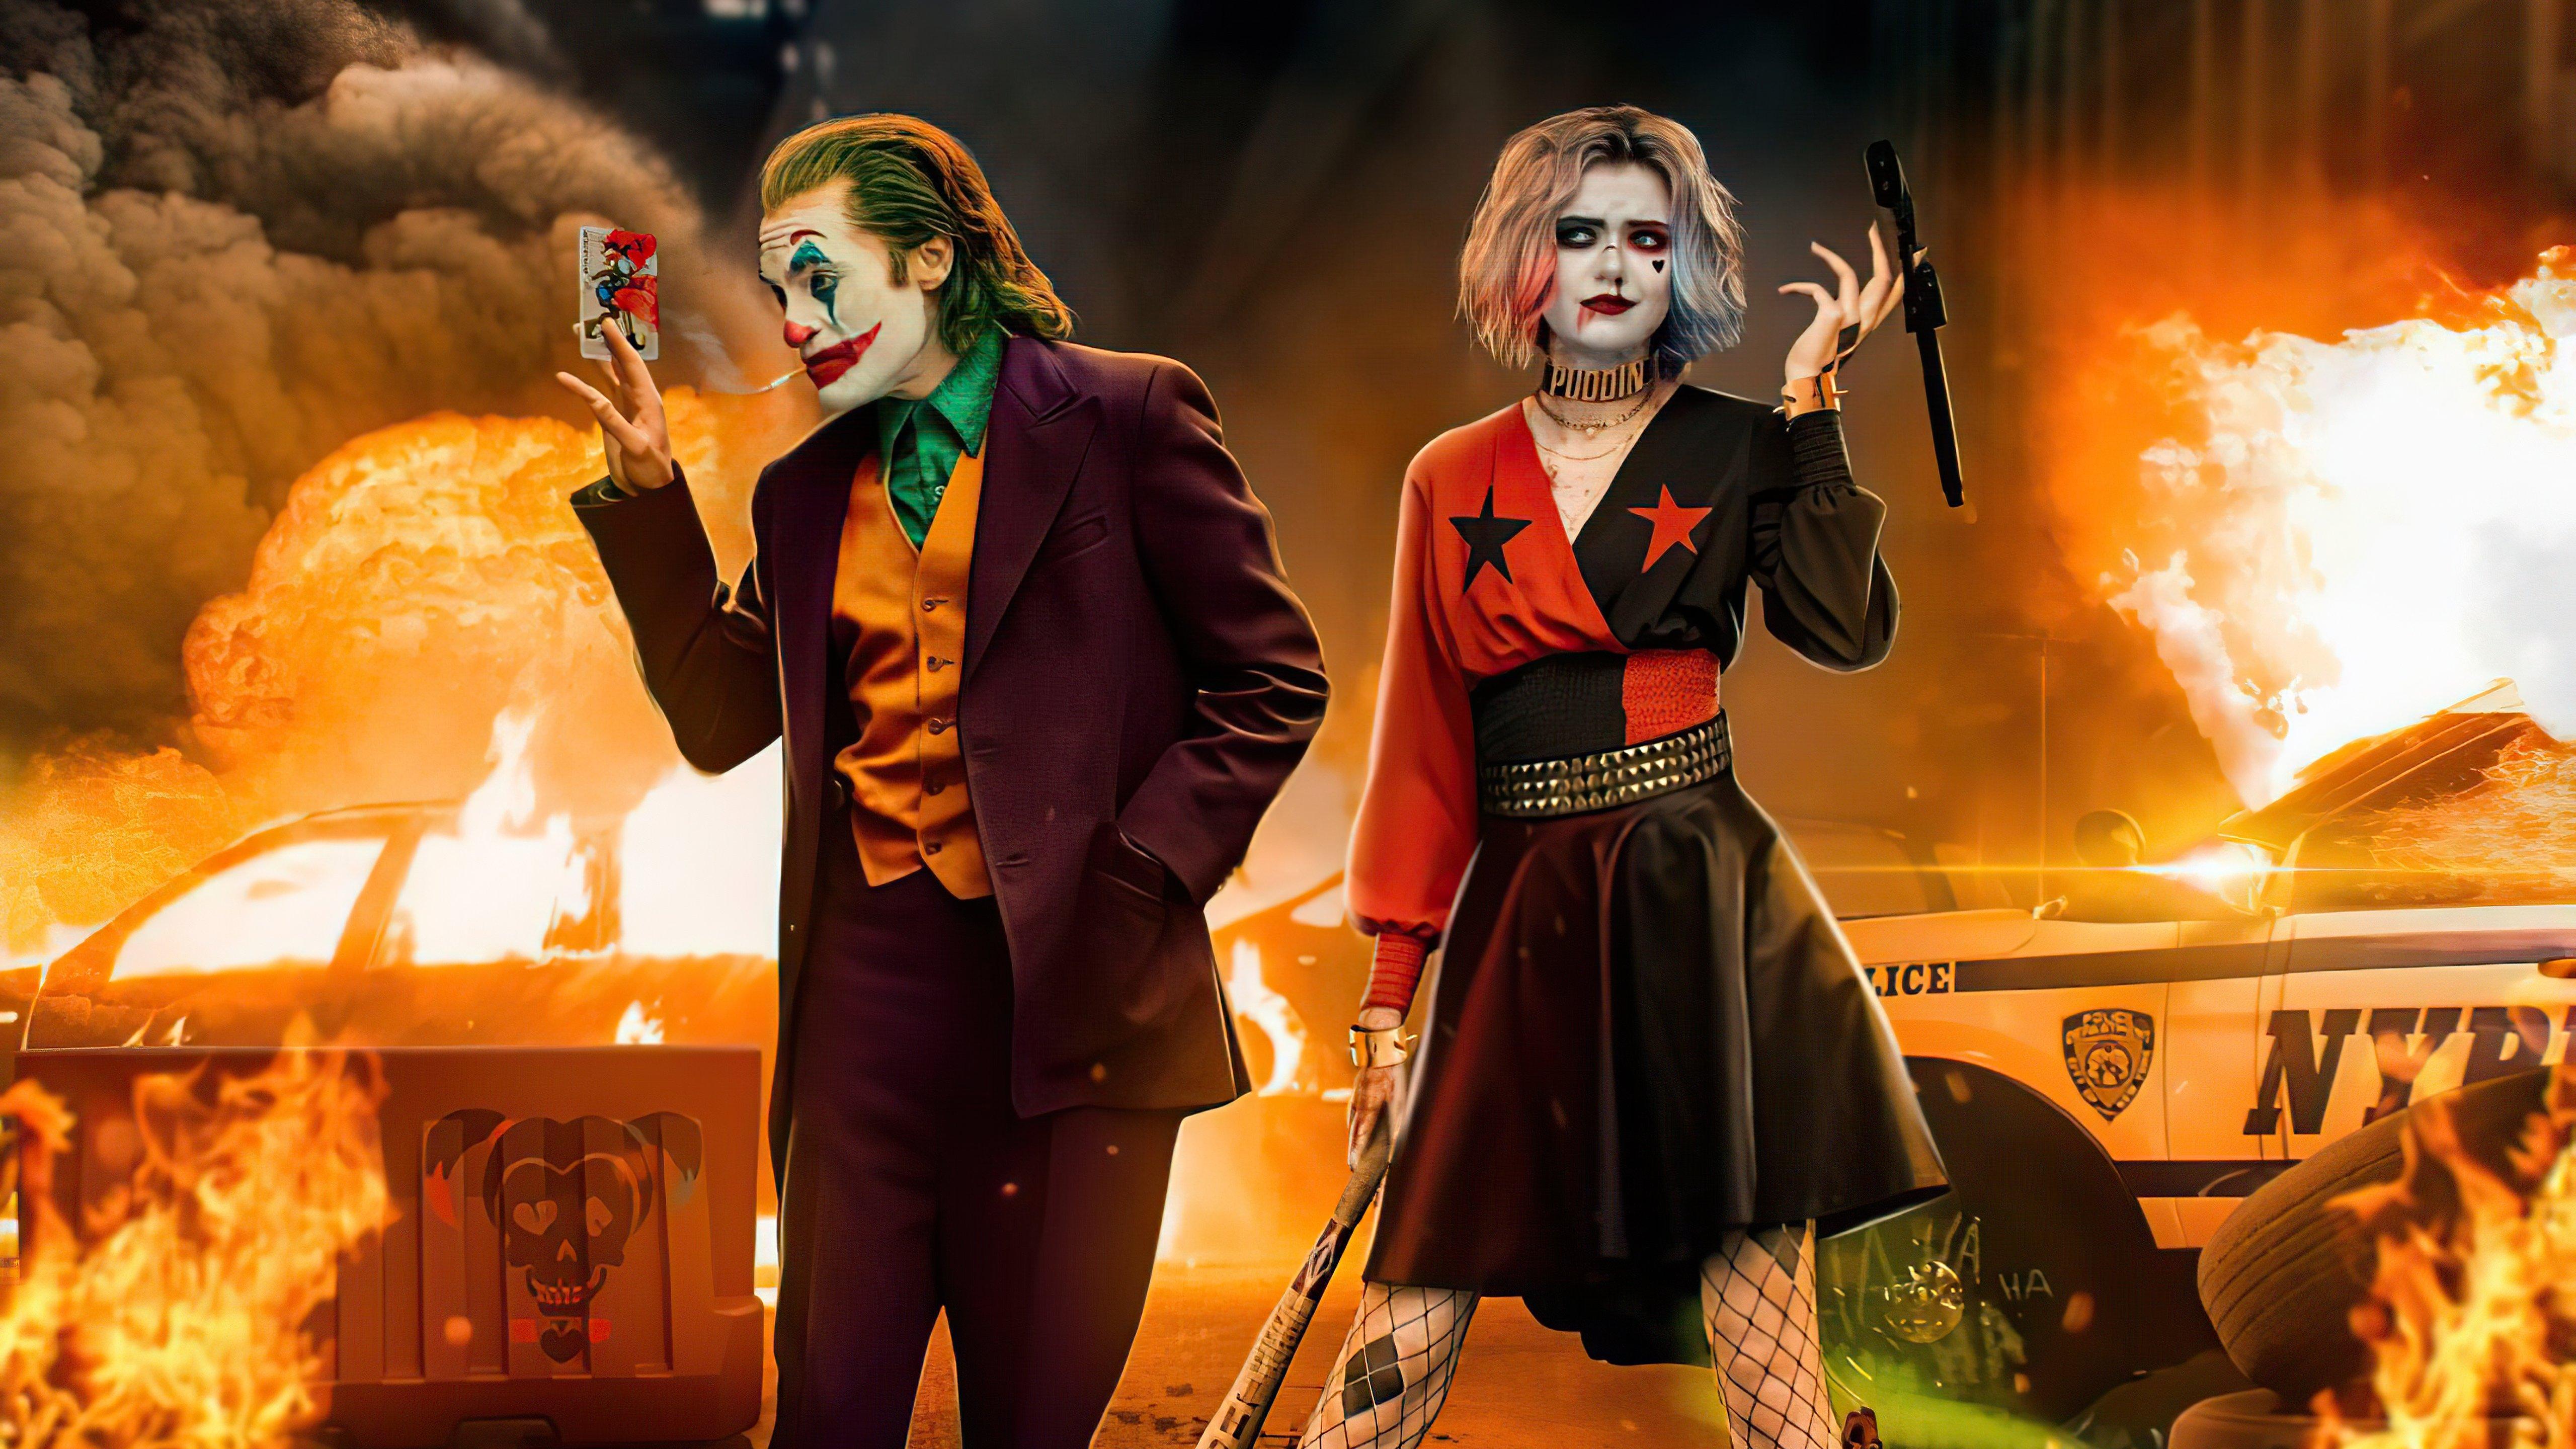 Fondos de pantalla Guasón y Harley Queen en escena del crimen